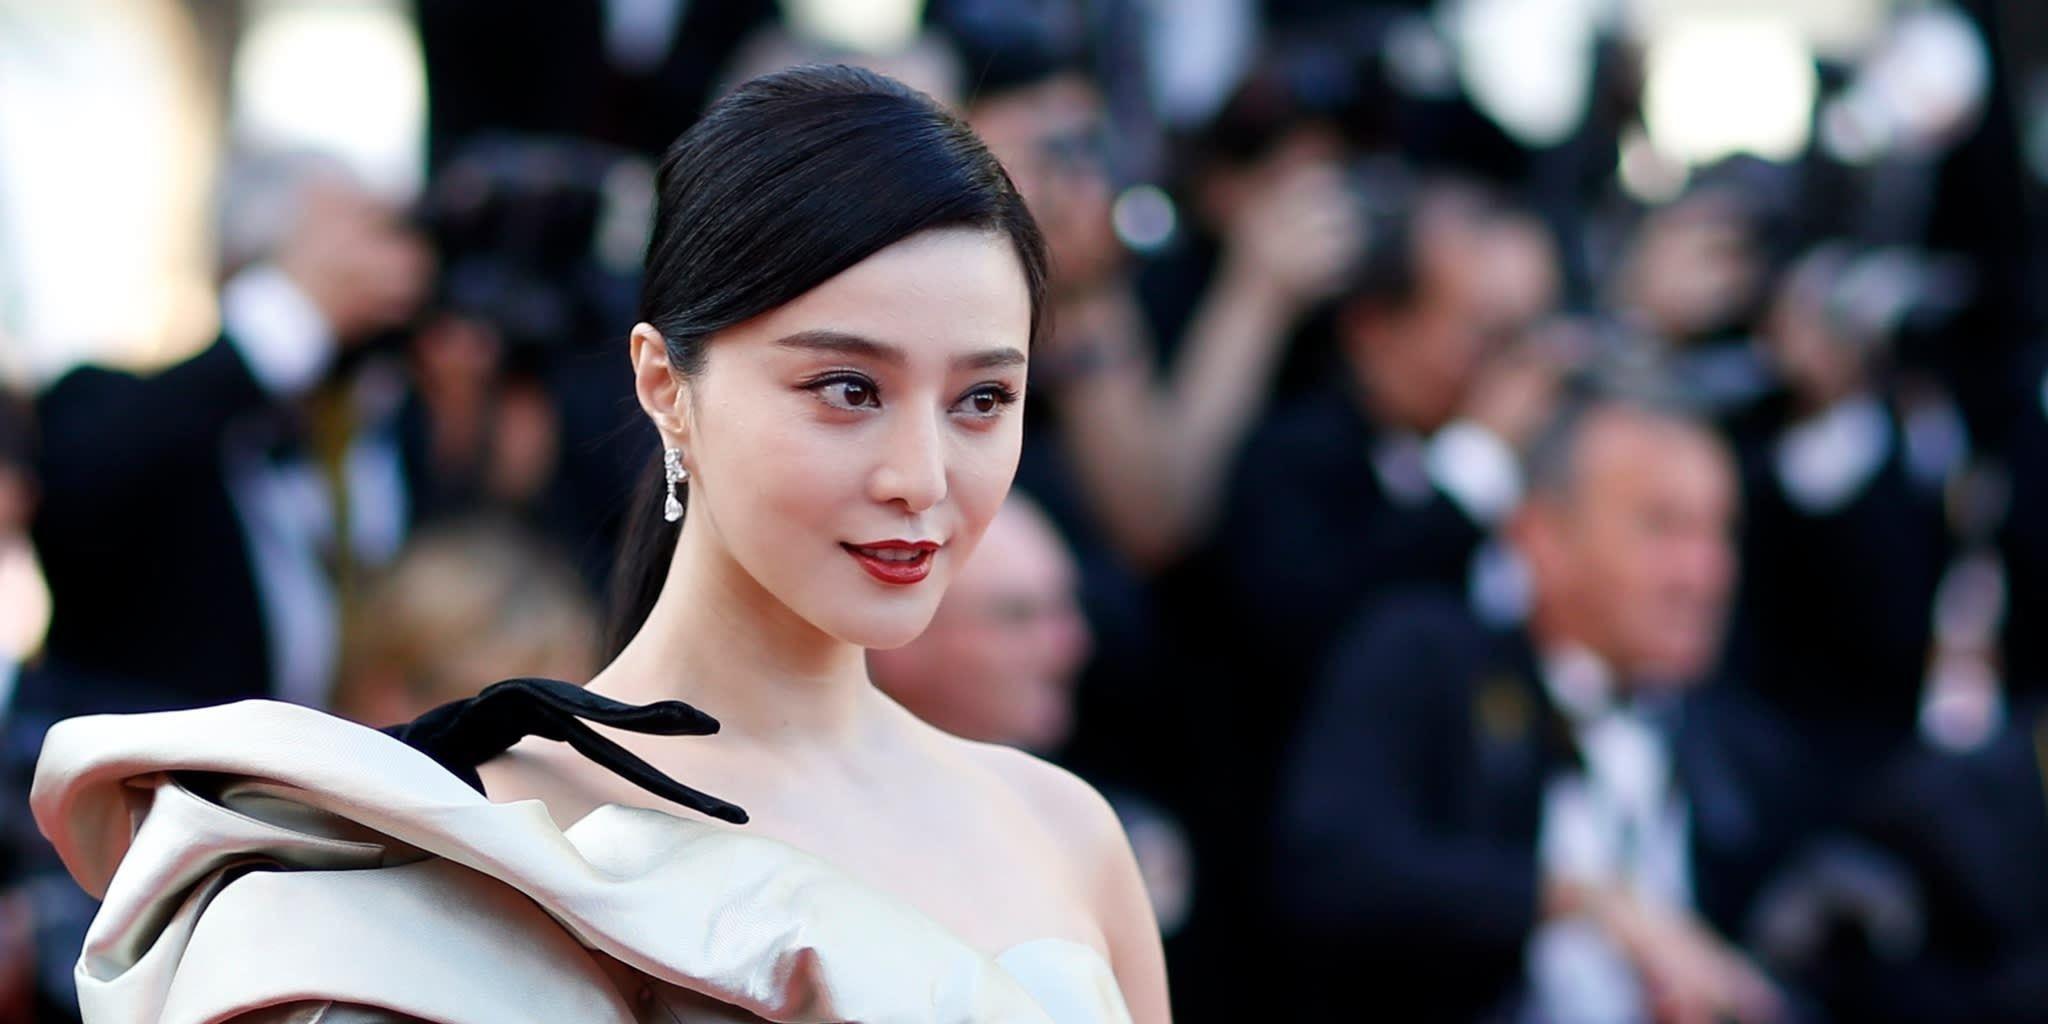 Fan Binbing é multada em 129 milhões de dólares pelo governo chinês